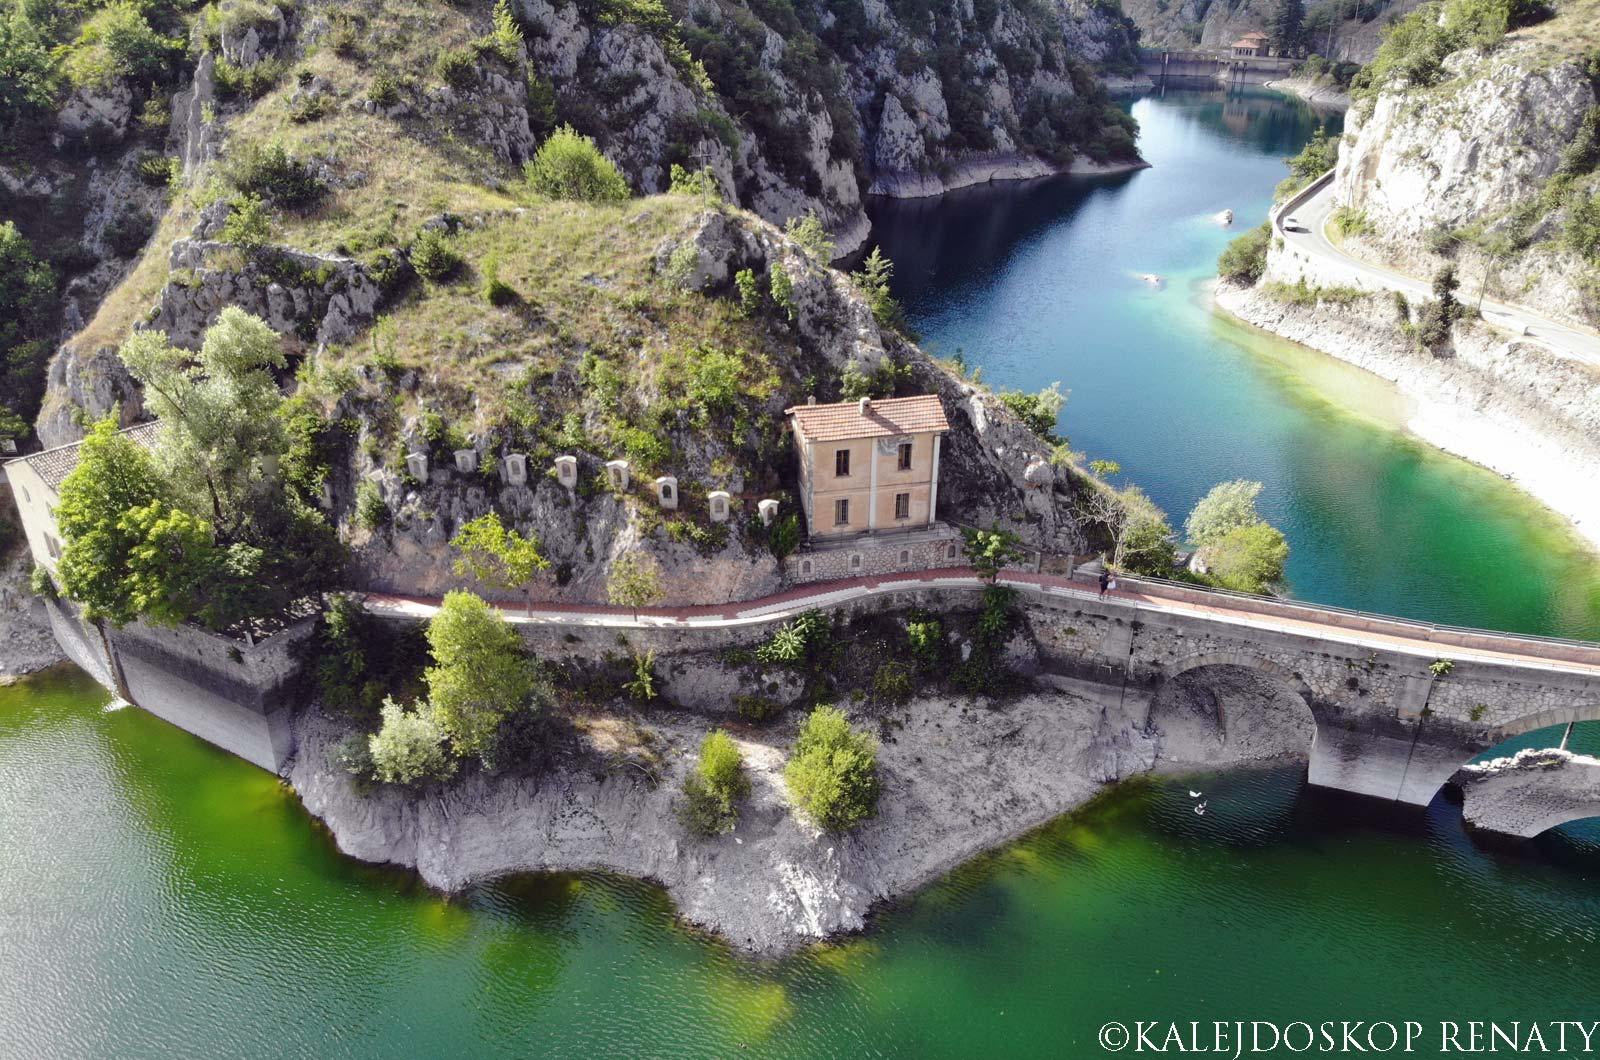 jezioro San Domenico w Abruzji, co zobaczyć w Abruzji, co zobaczyć w Abruzzo